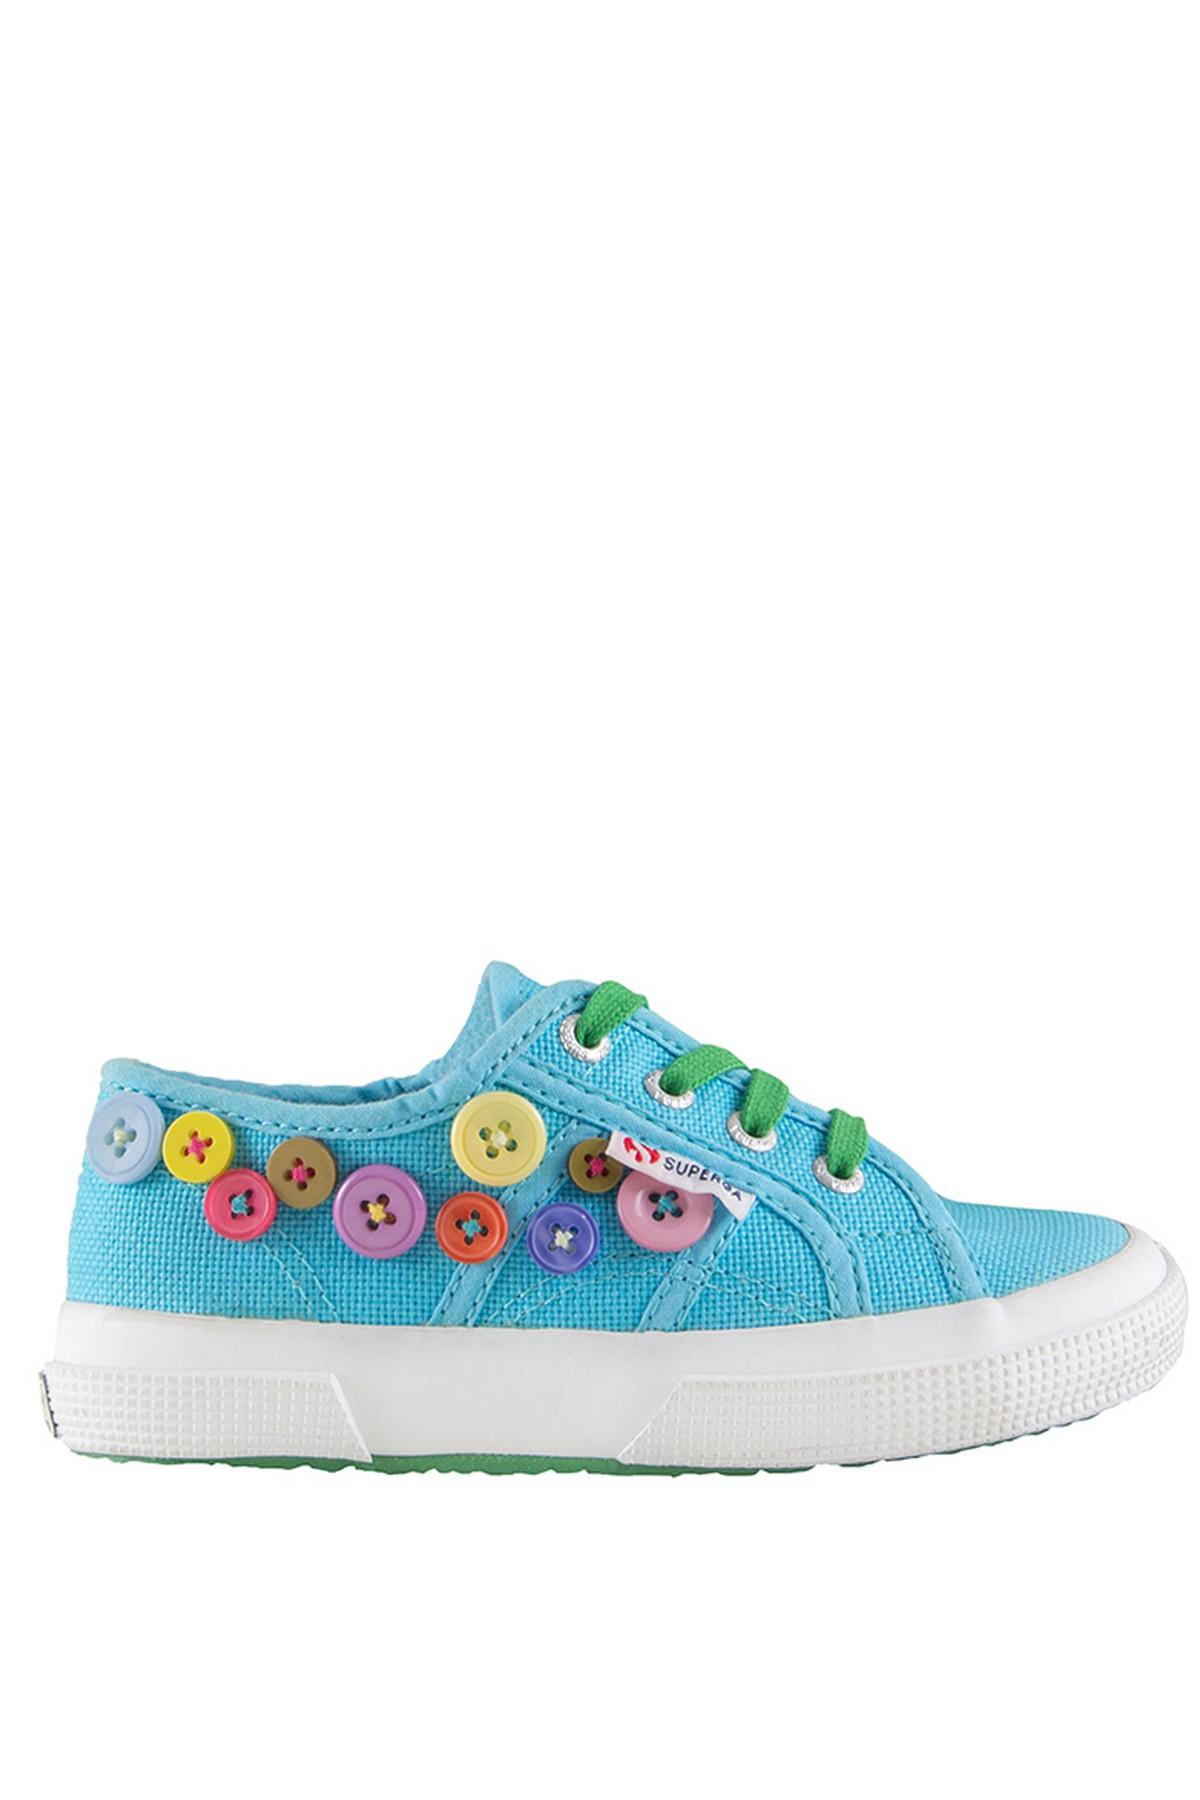 Superga Günlük Çocuk Ayakkabı Düğmeli-Turkaz Renk (S003730-G24)